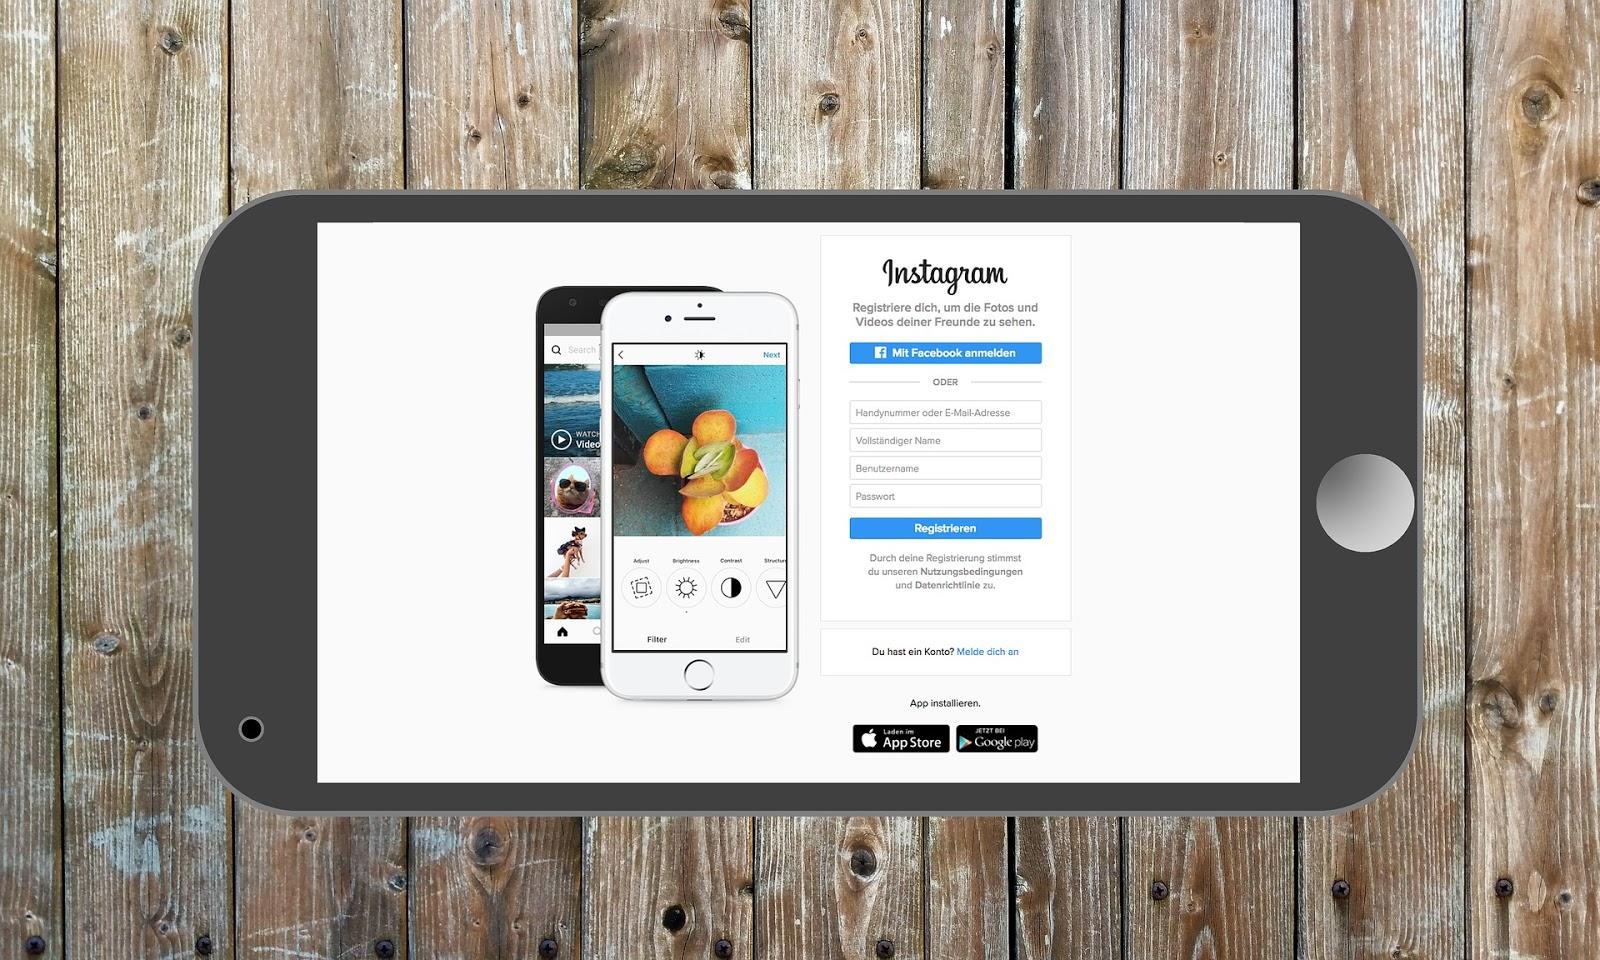 Bagaimana Cara Mengatasi Tidak Bisa Login Instagram Maaf Terdapat